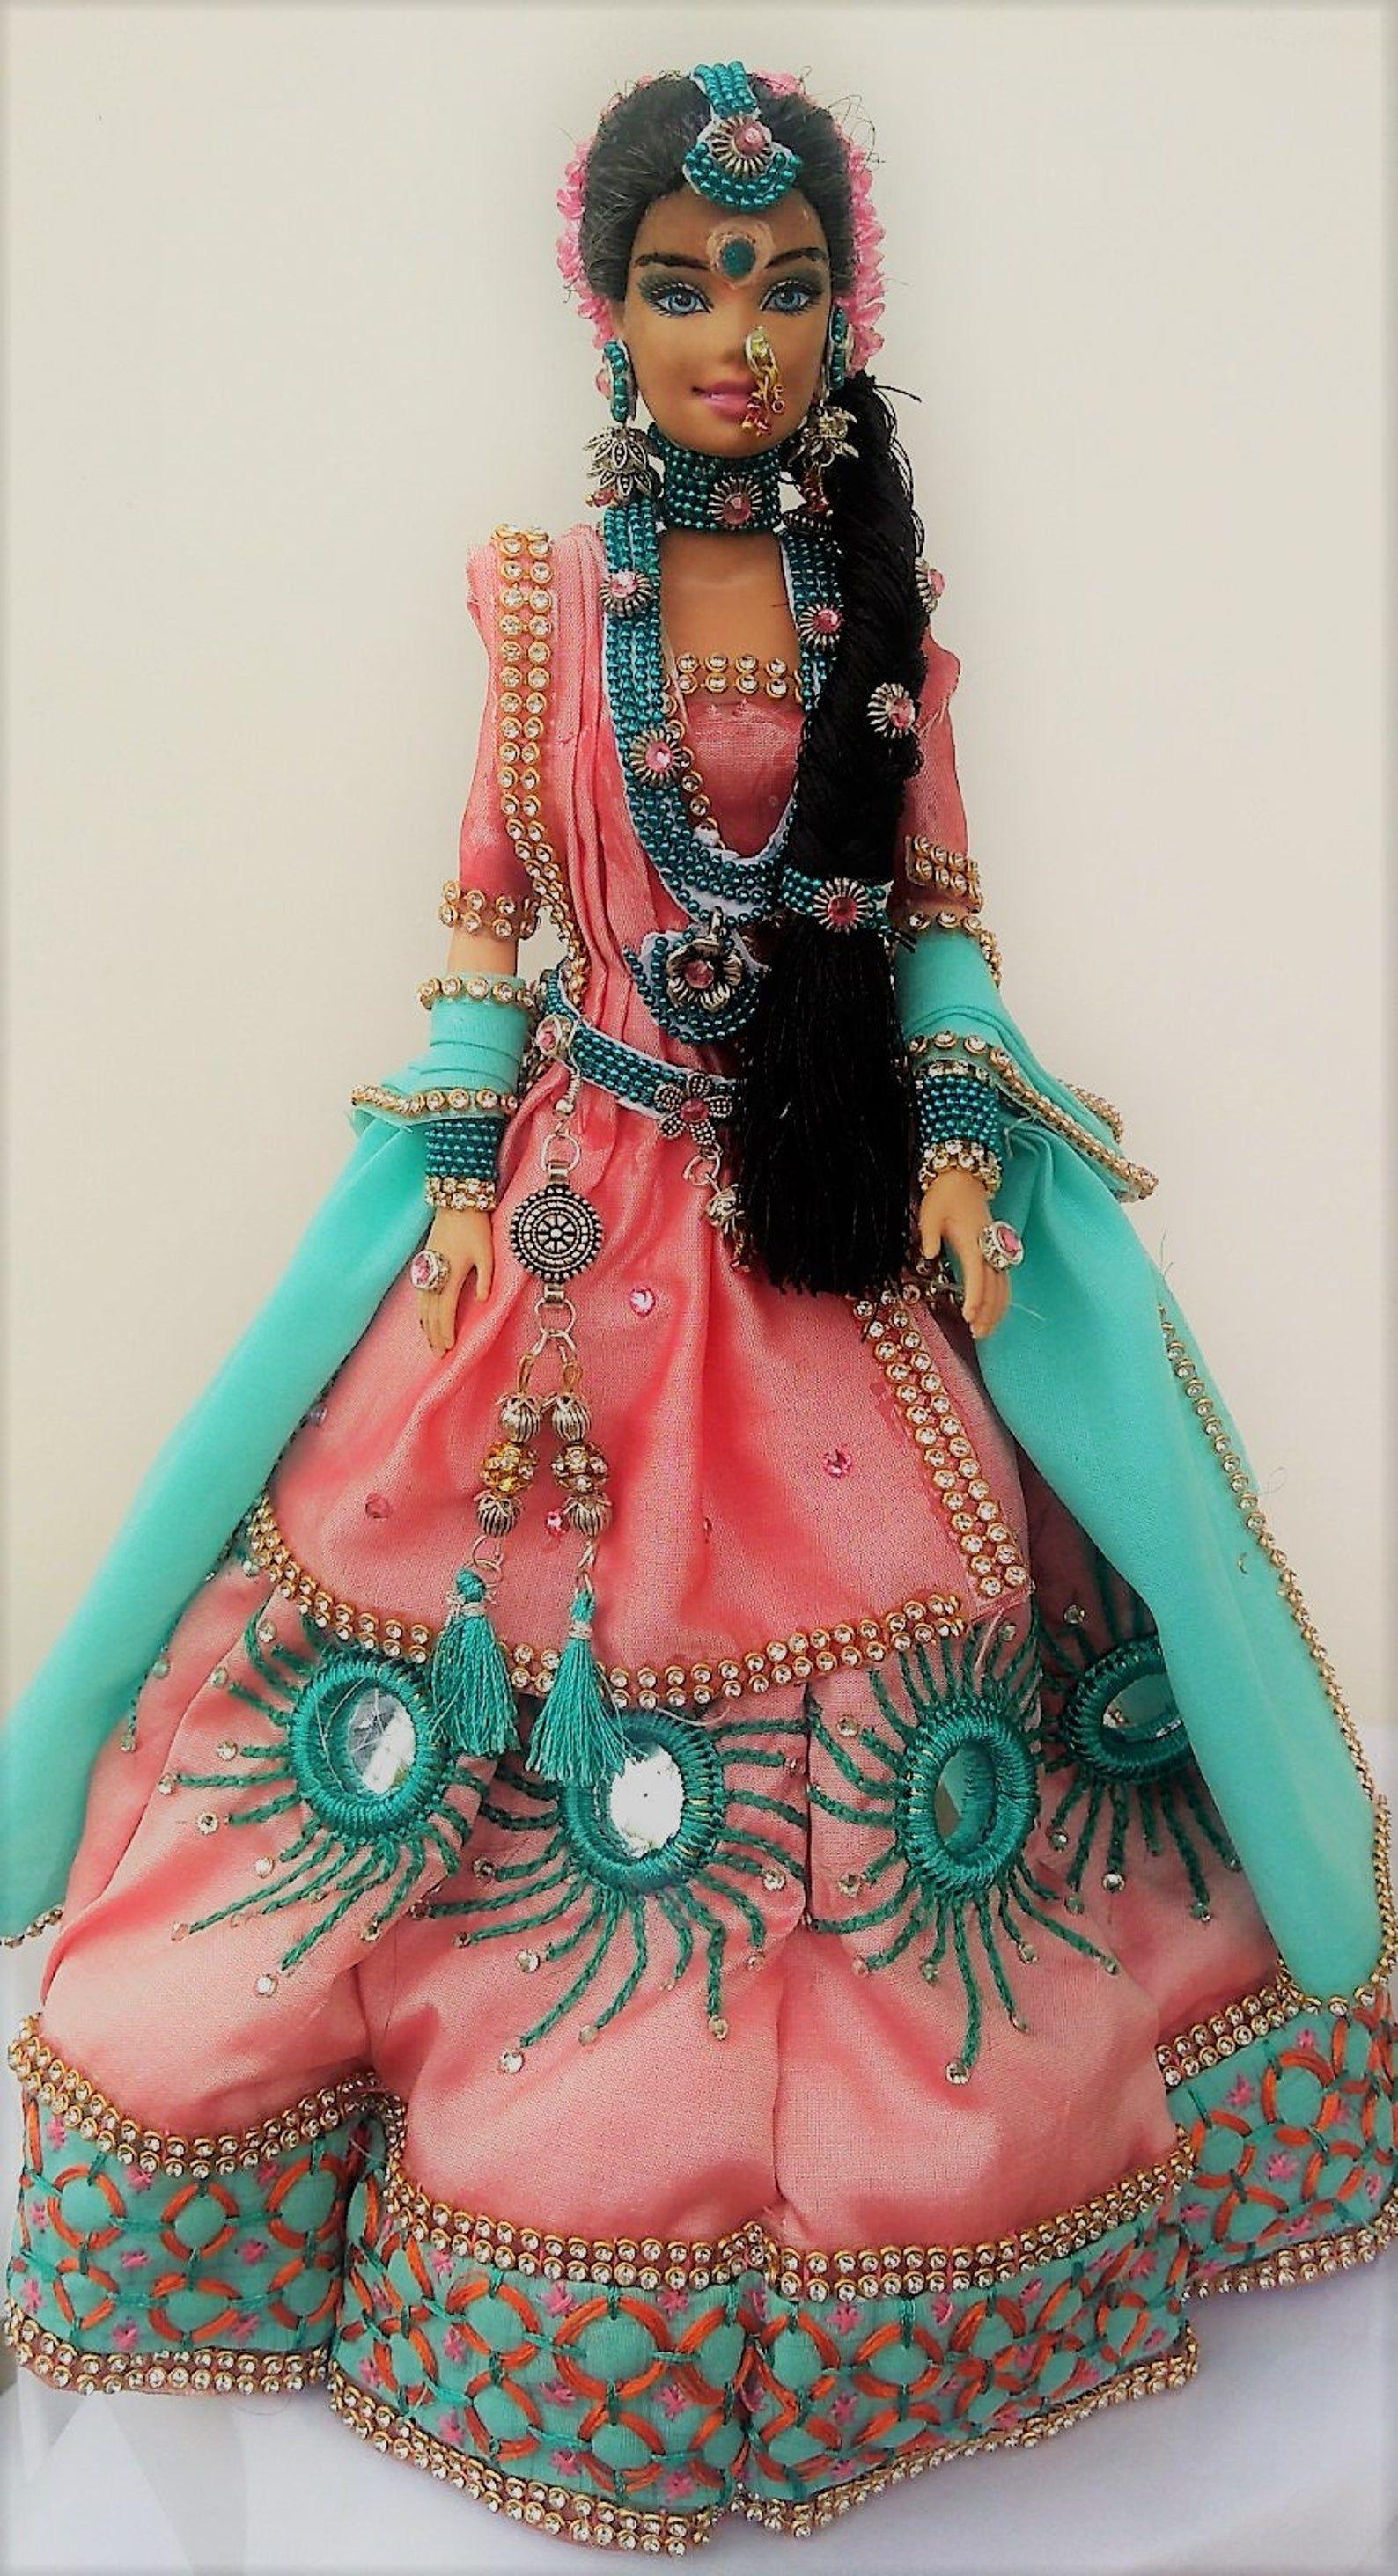 La Barbie La Plus Moche Du Monde : barbie, moche, monde, Poupées, Racisées, Notre, Sélection, Inclusives